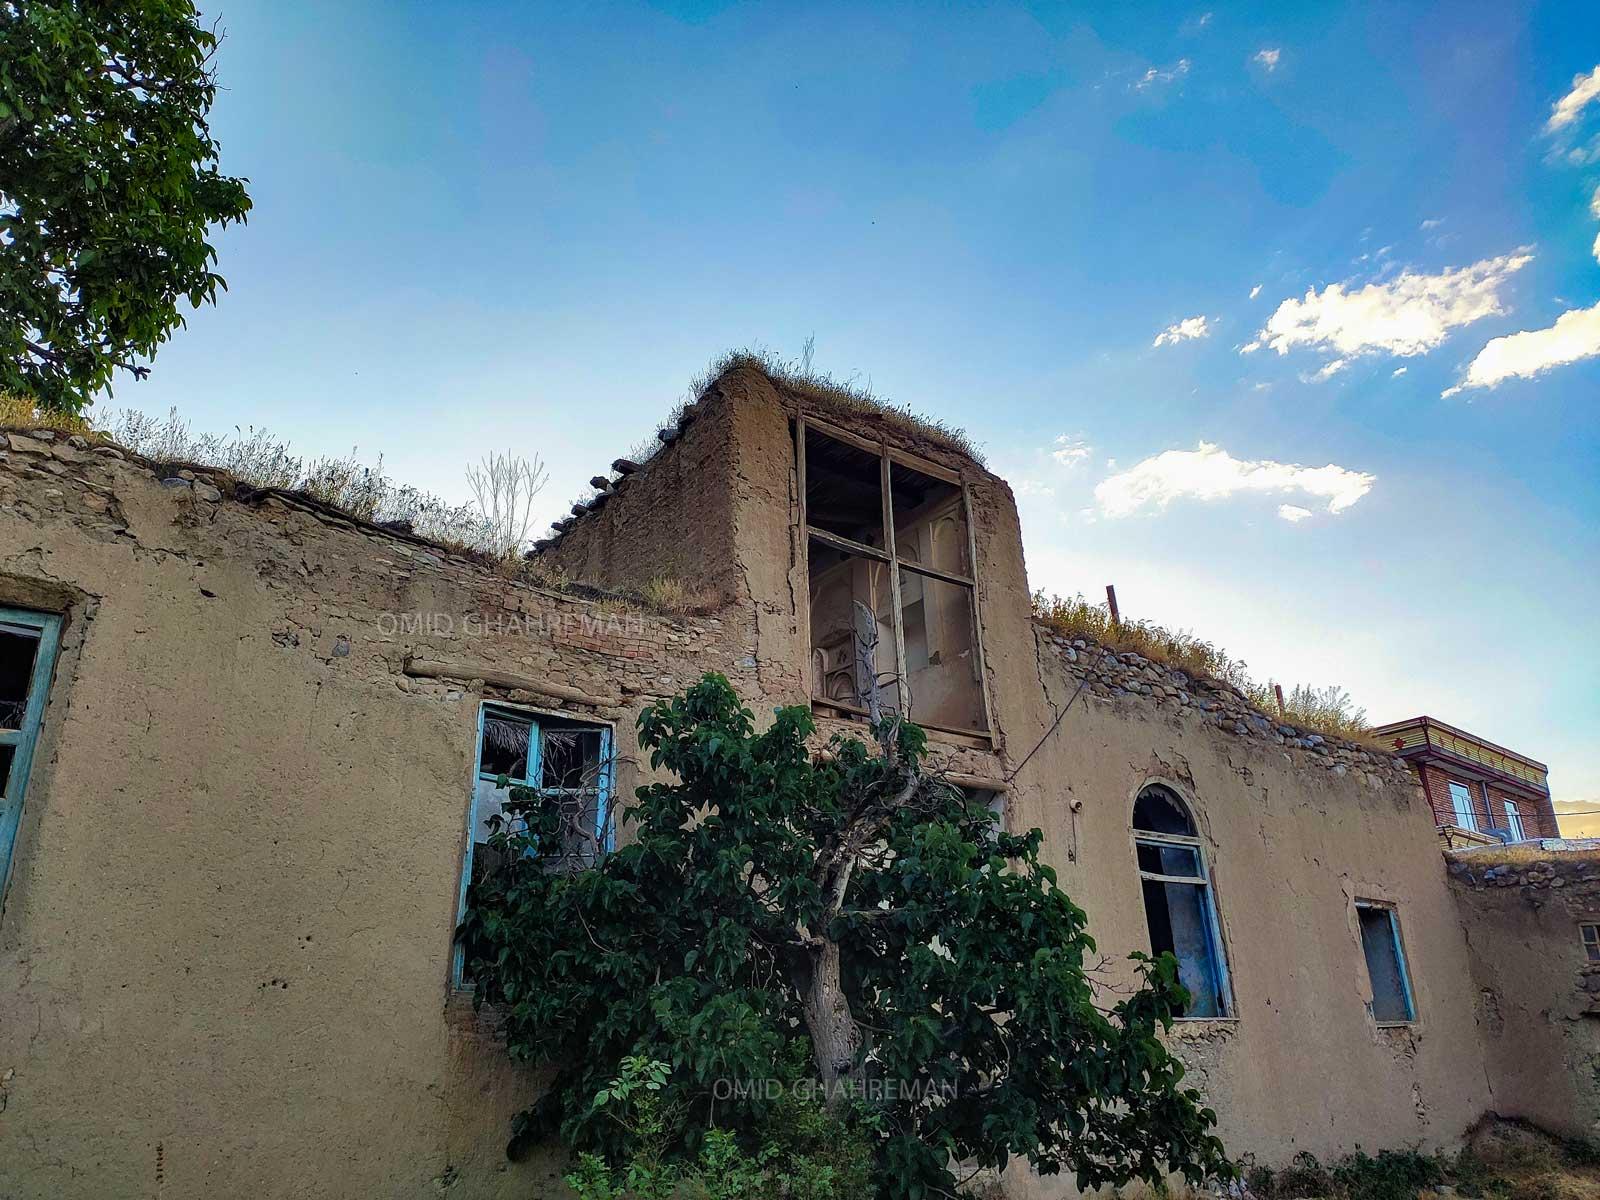 خانه قدیمی زیبا در روستای باغچه جوق